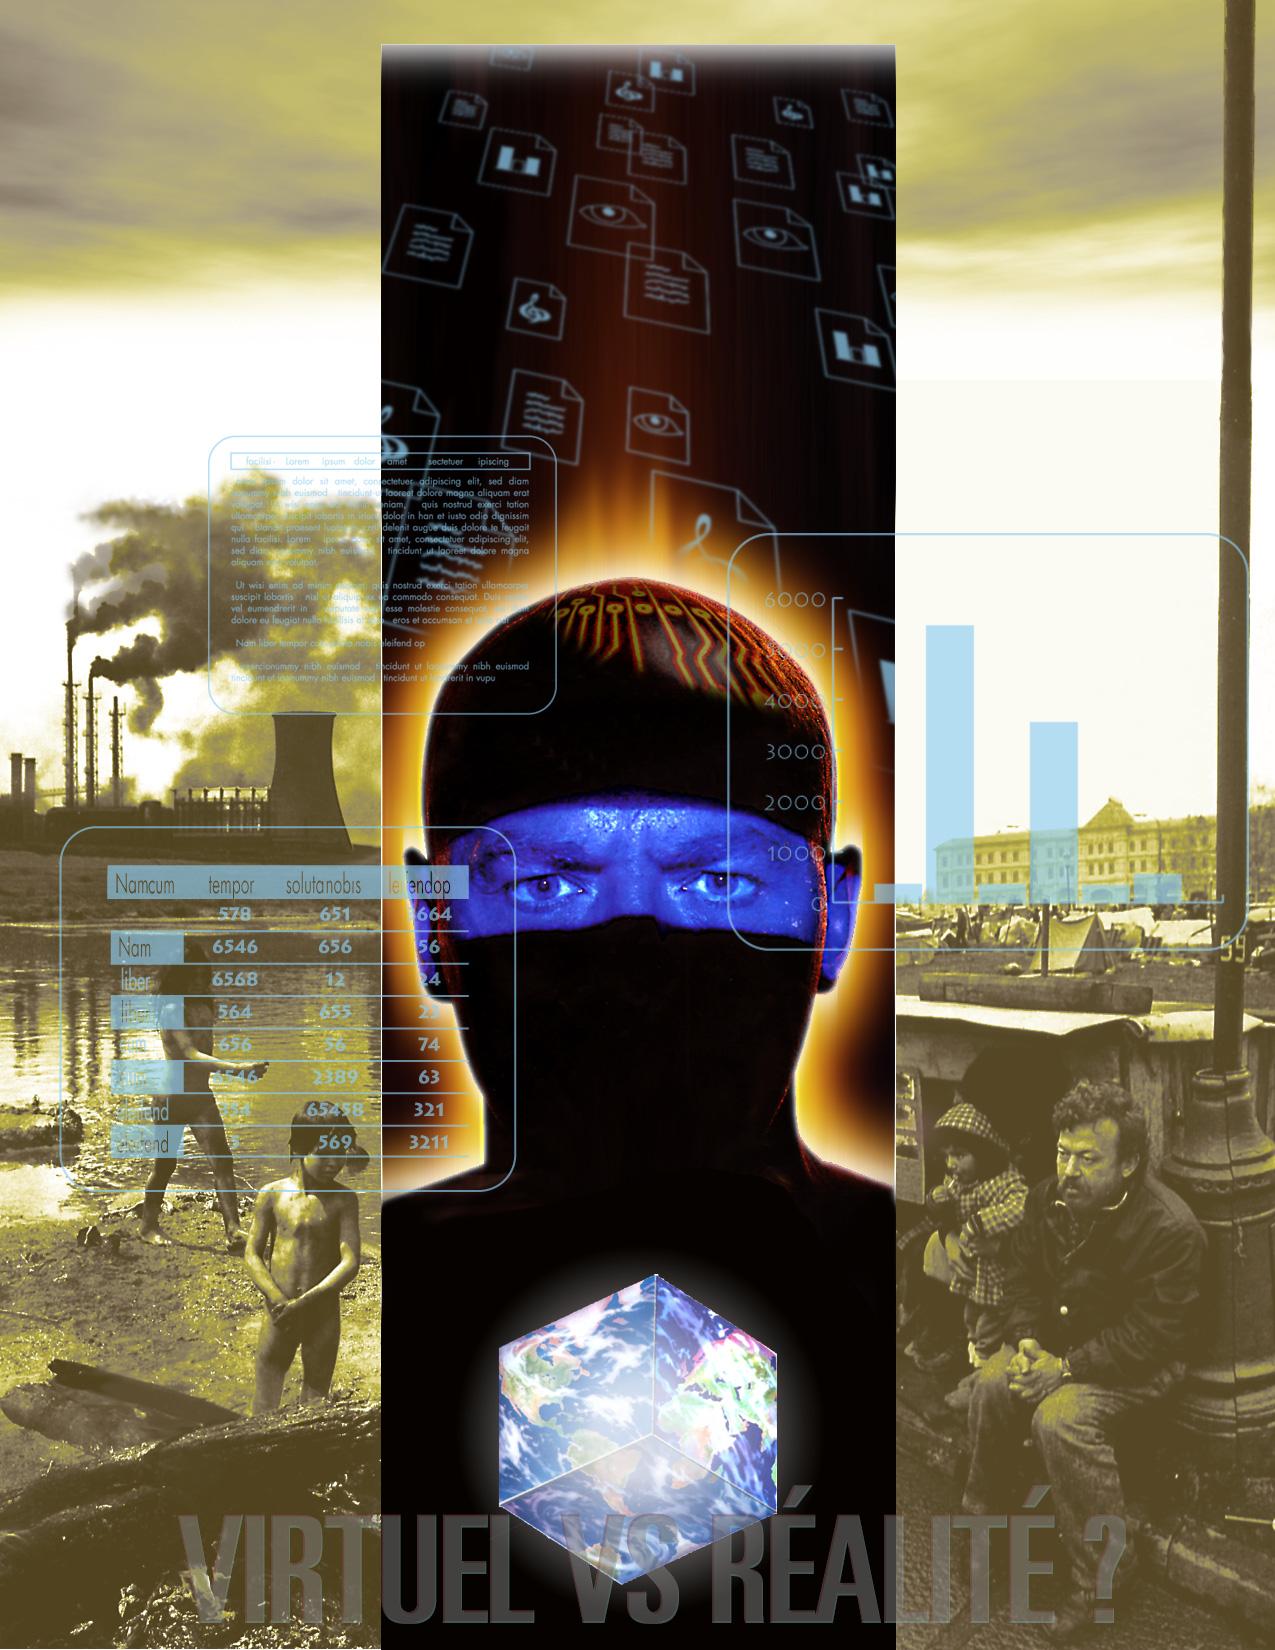 Virtuel vs réalité